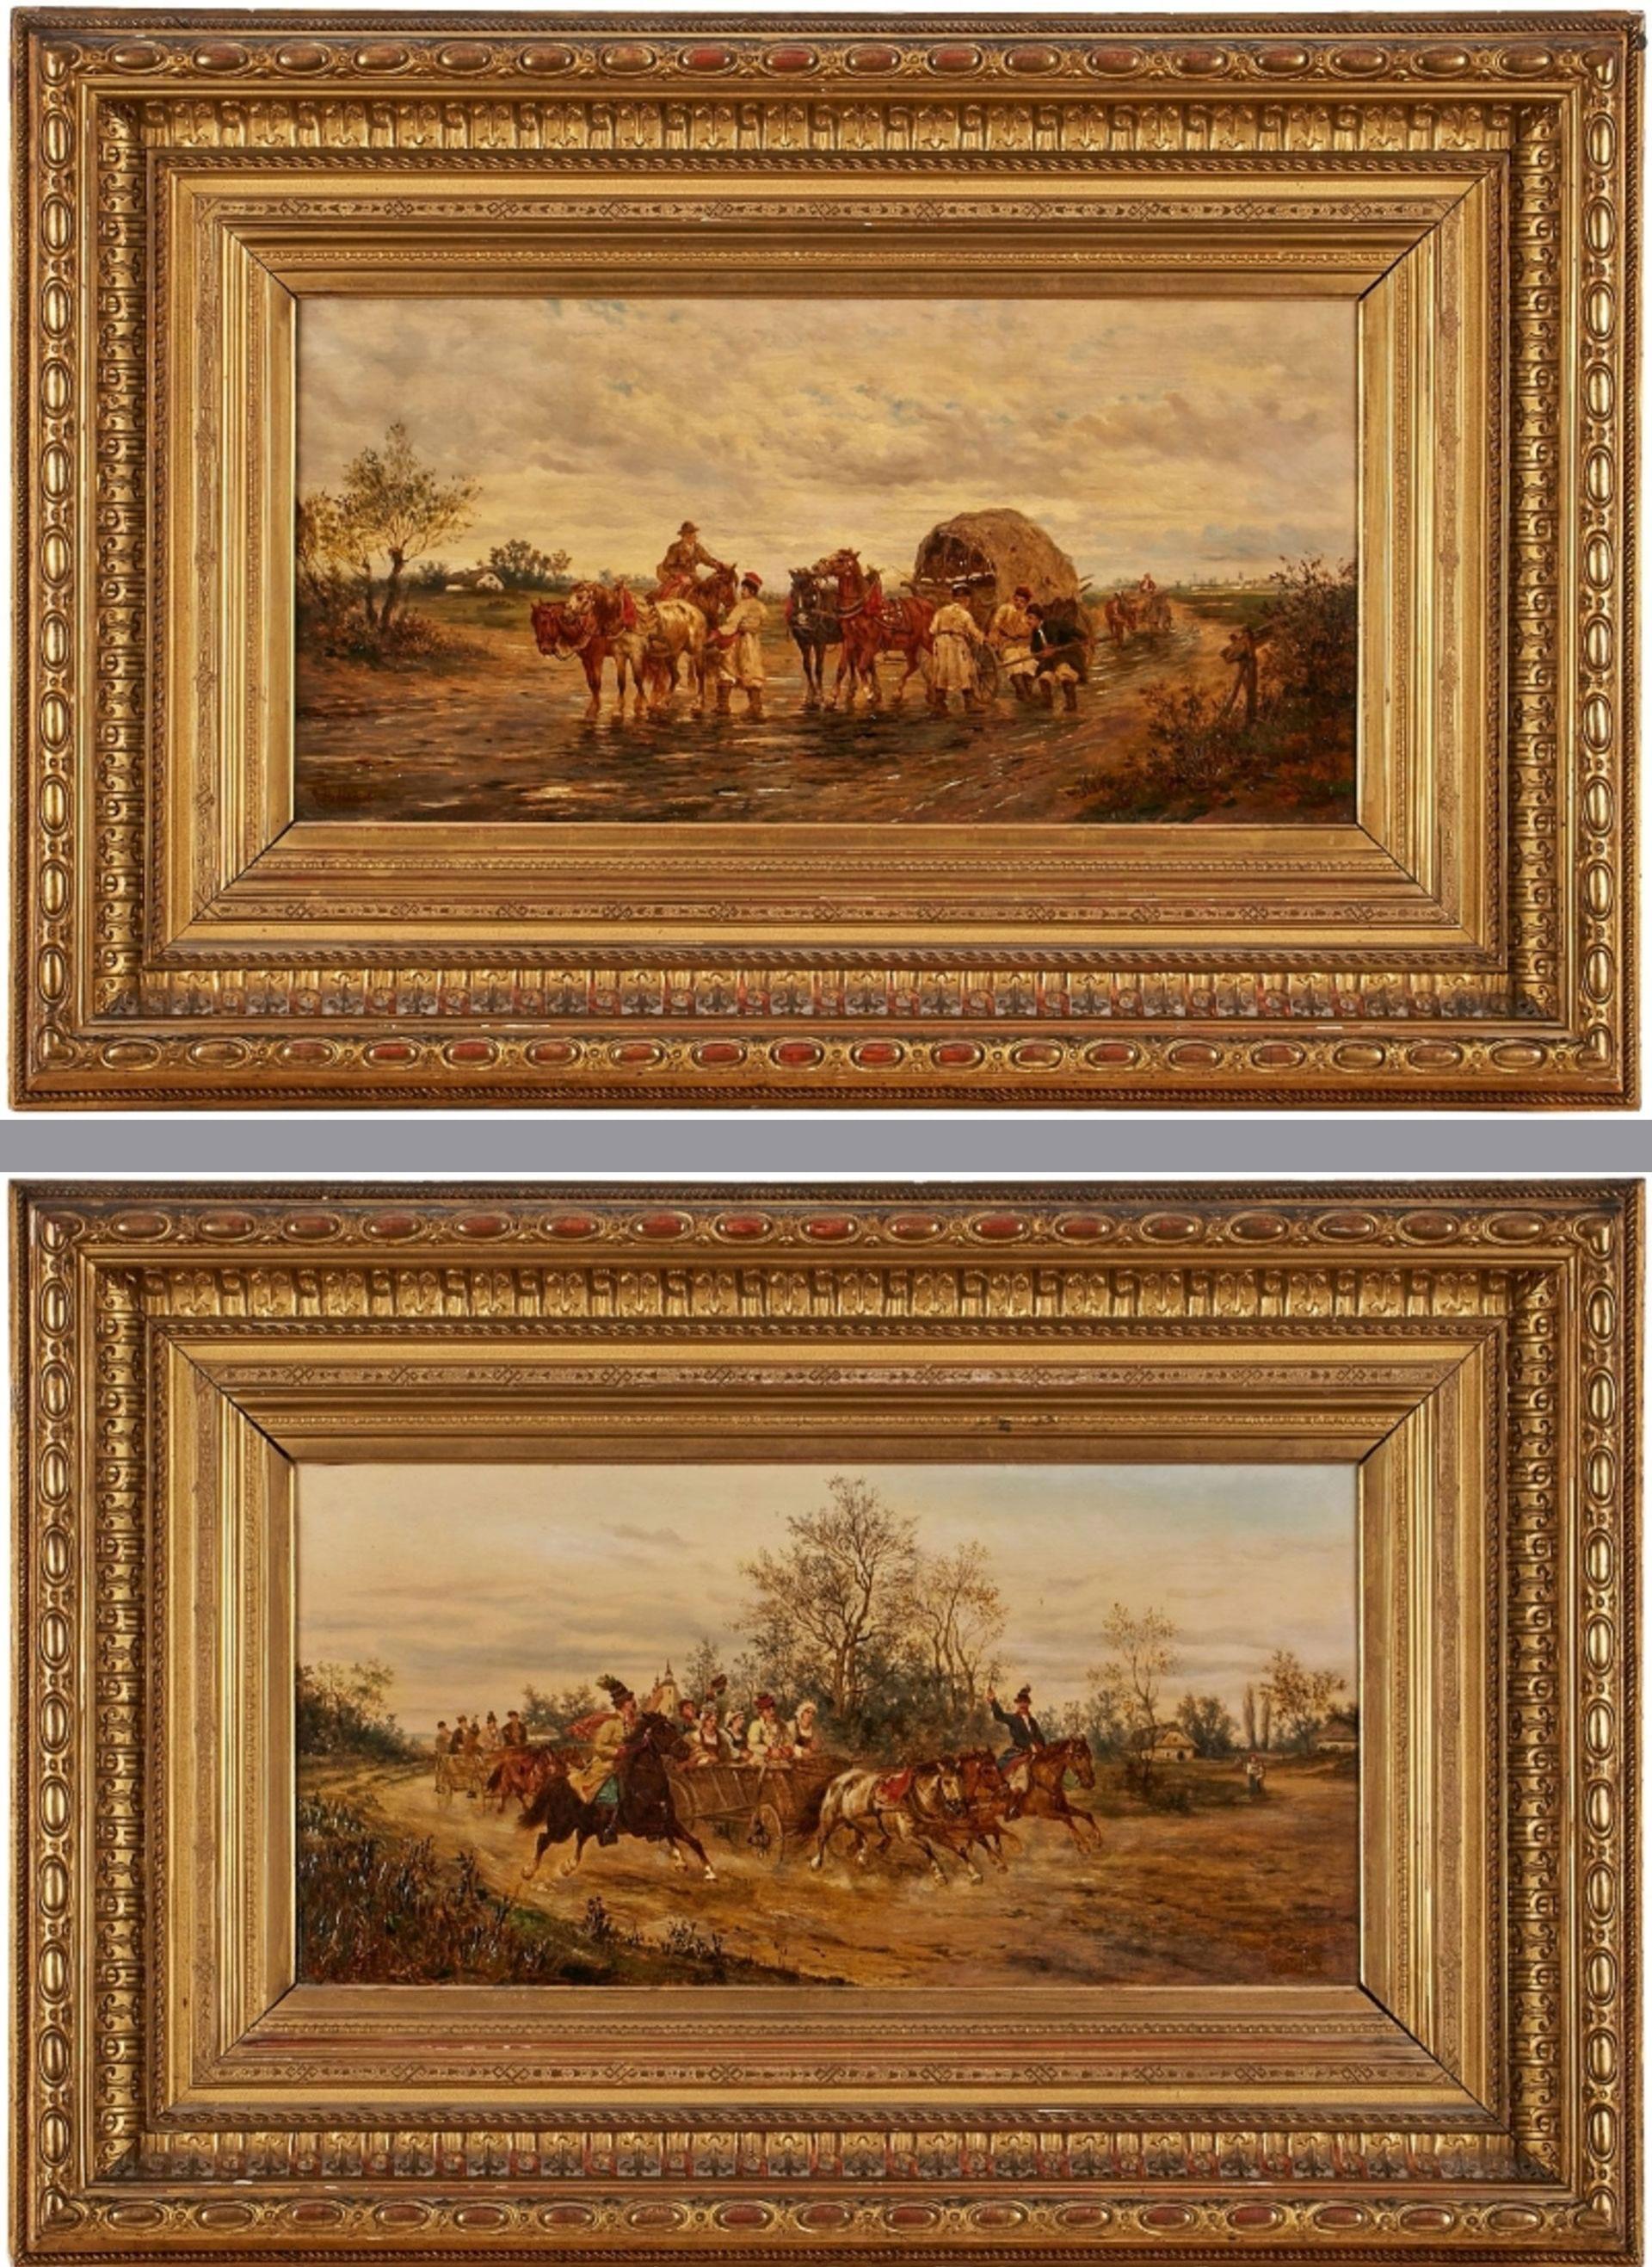 """Ludwik Gędłek (1847-1904) Para obrazów: """"Orszak weselny"""" i """"Trudna przeprawa"""", źródło: Auktionshaus Doebritz"""